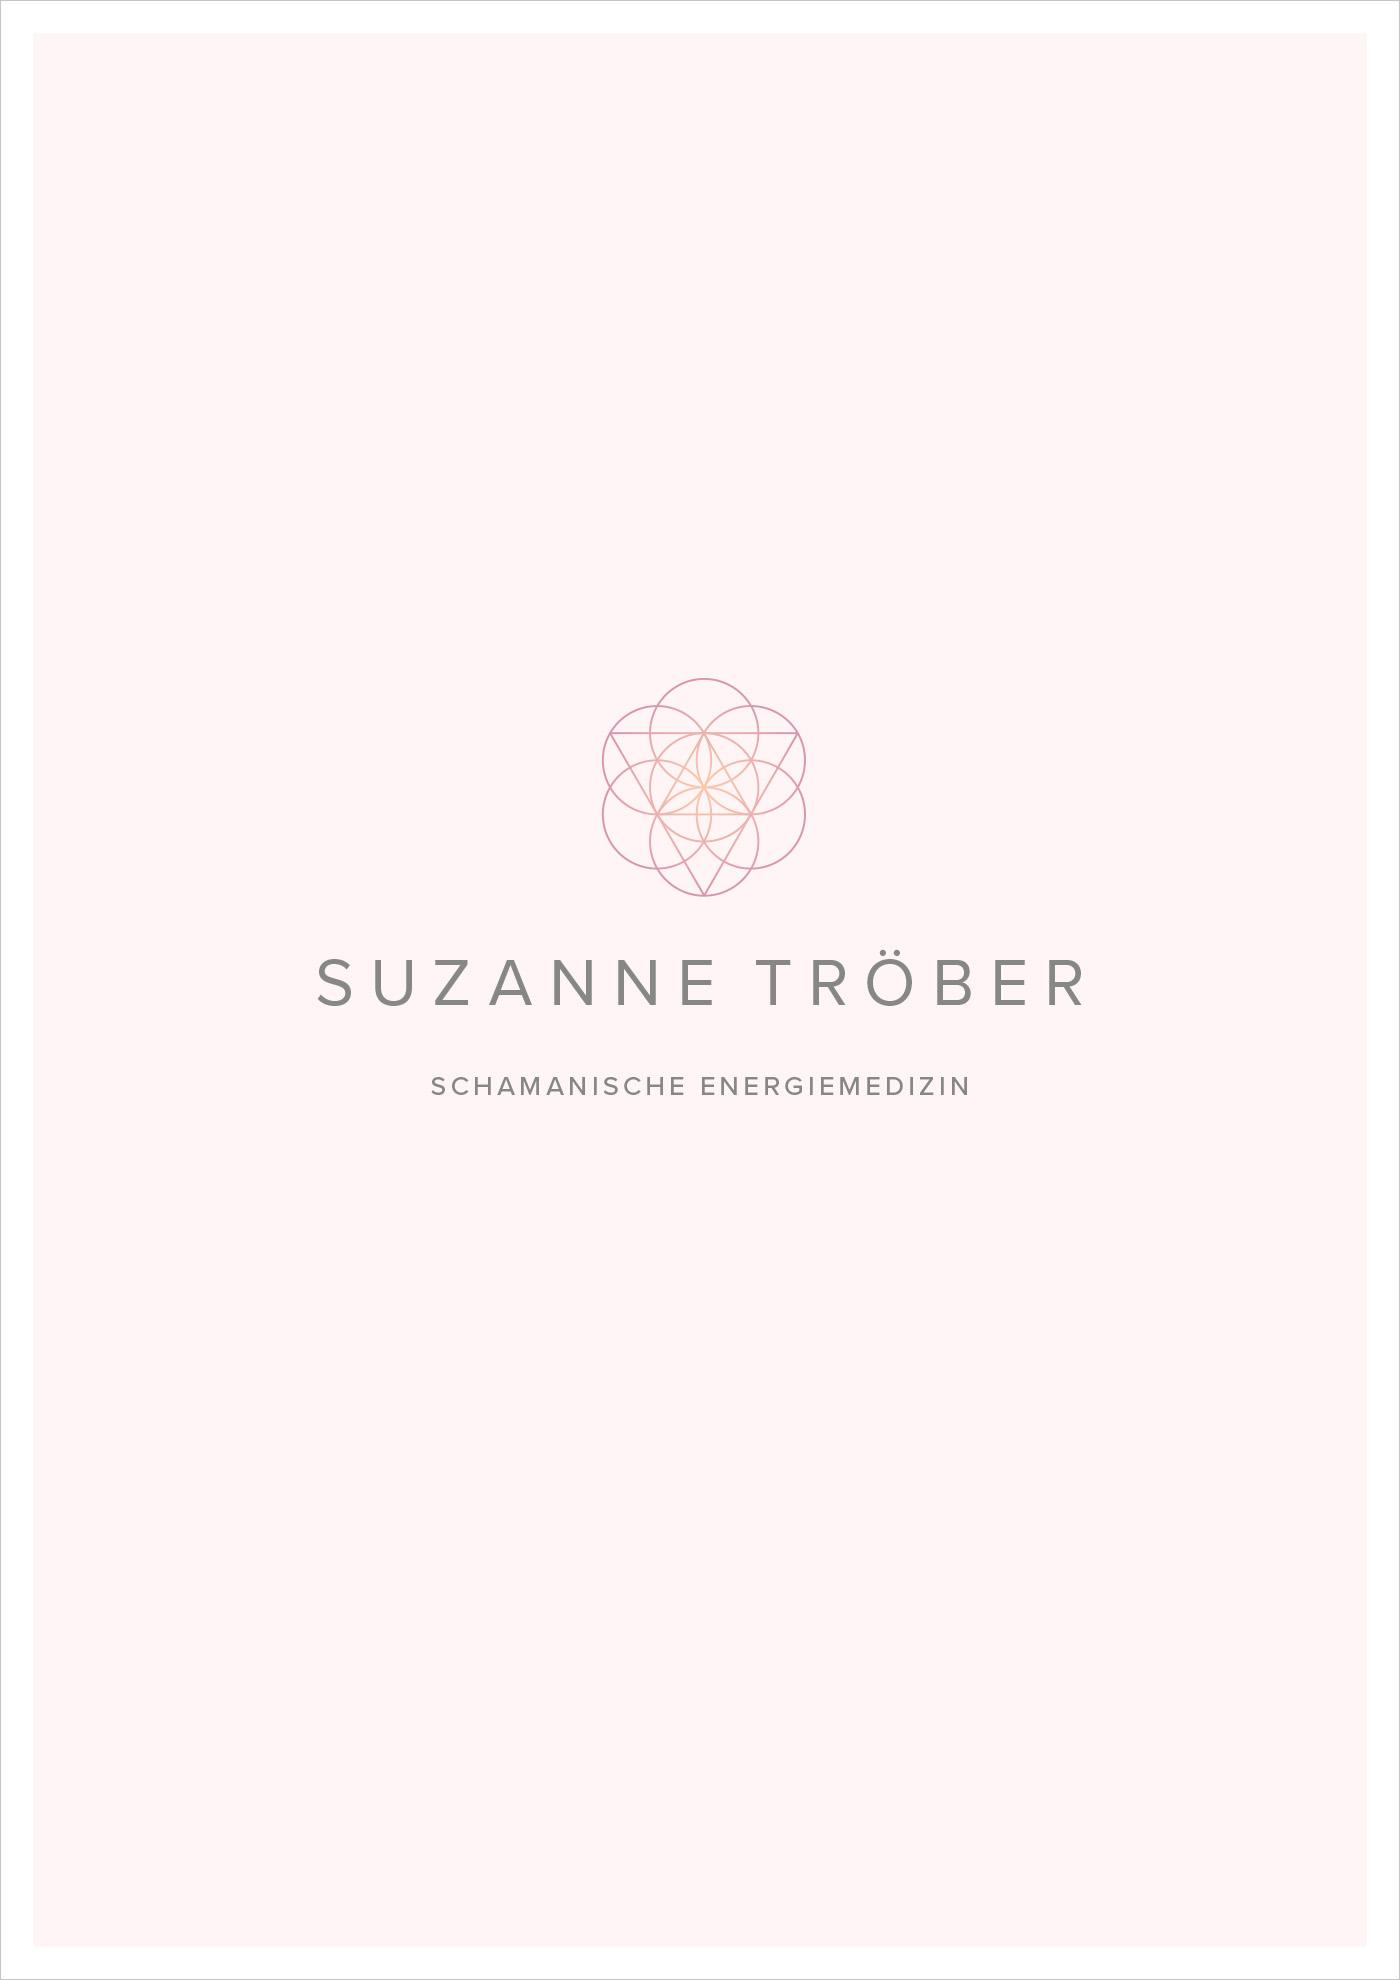 Suzanne Tröber: Erscheinungsbild